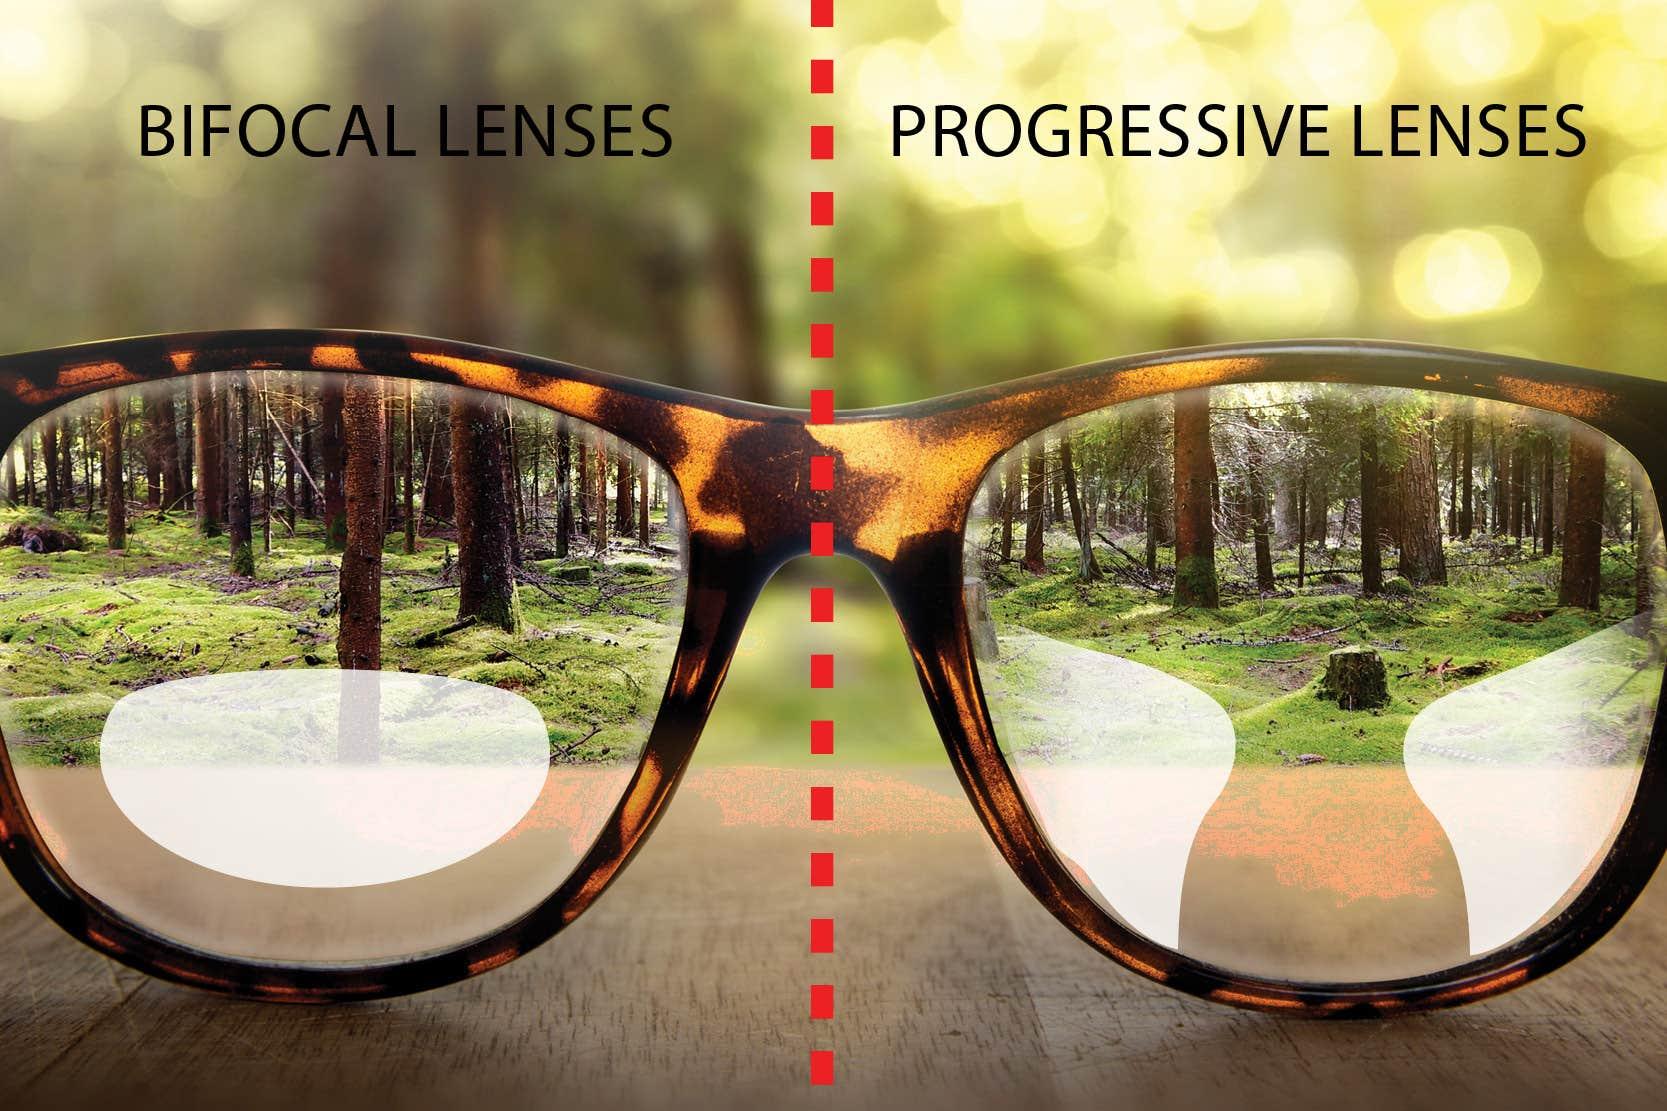 Progressive Lenses Versus Bifocals Lenses